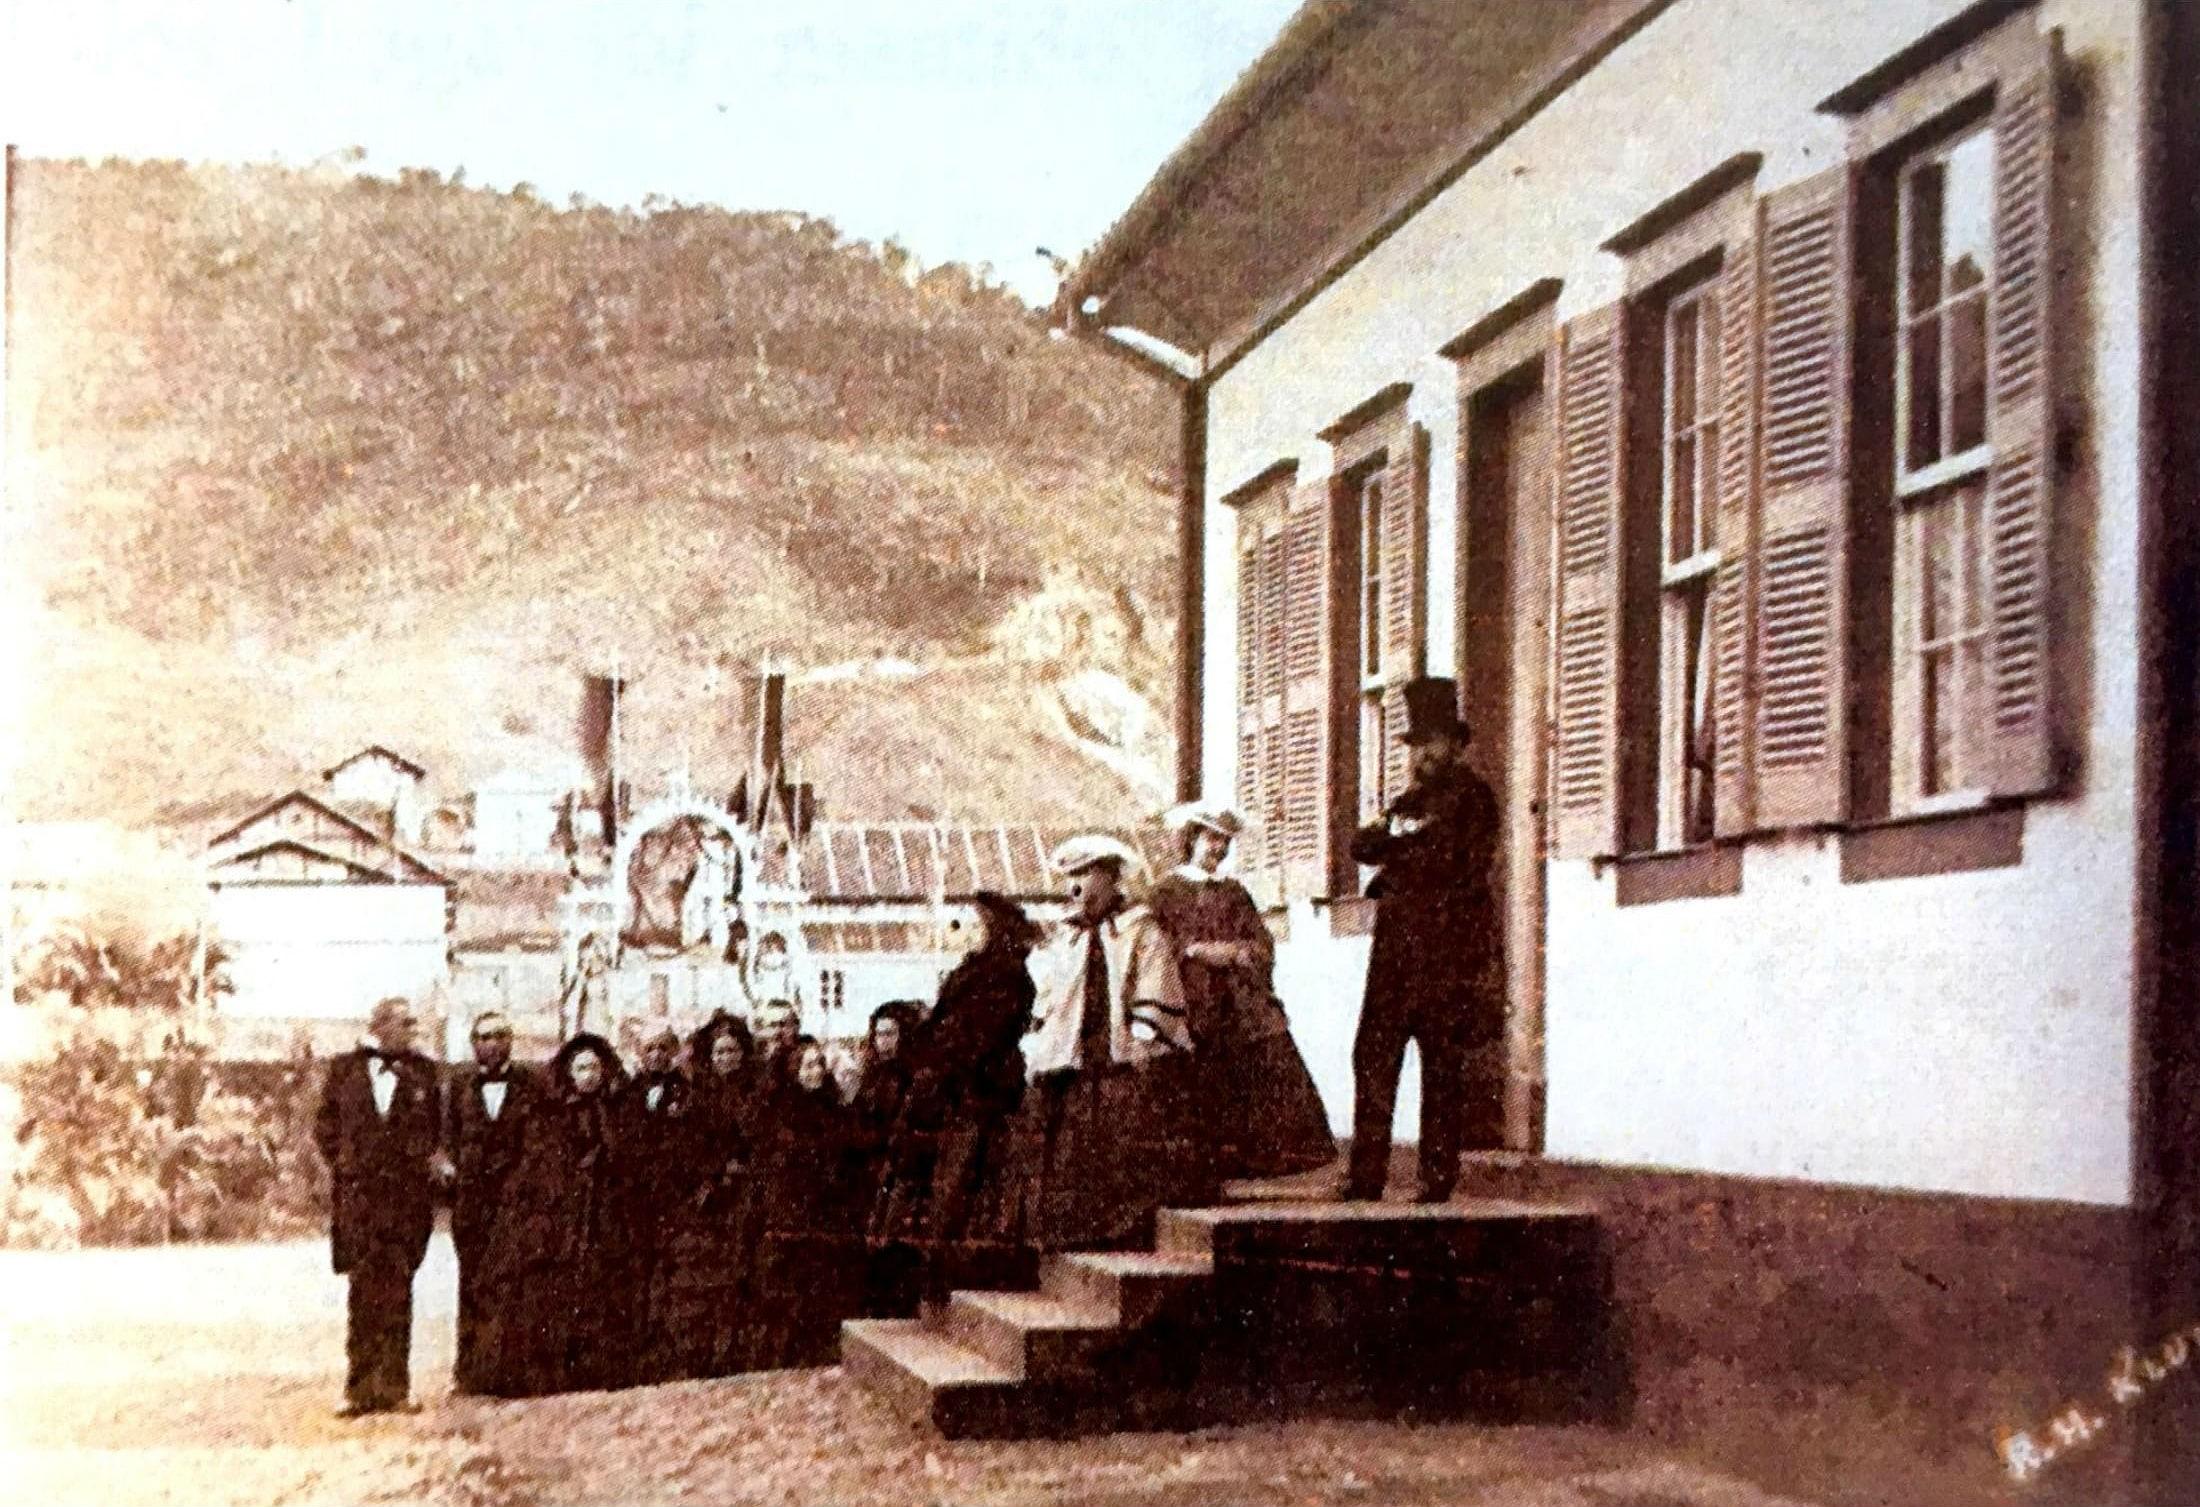 Histórias da amizade com a Família Imperial enriquecem acervo de museu em Juiz de Fora